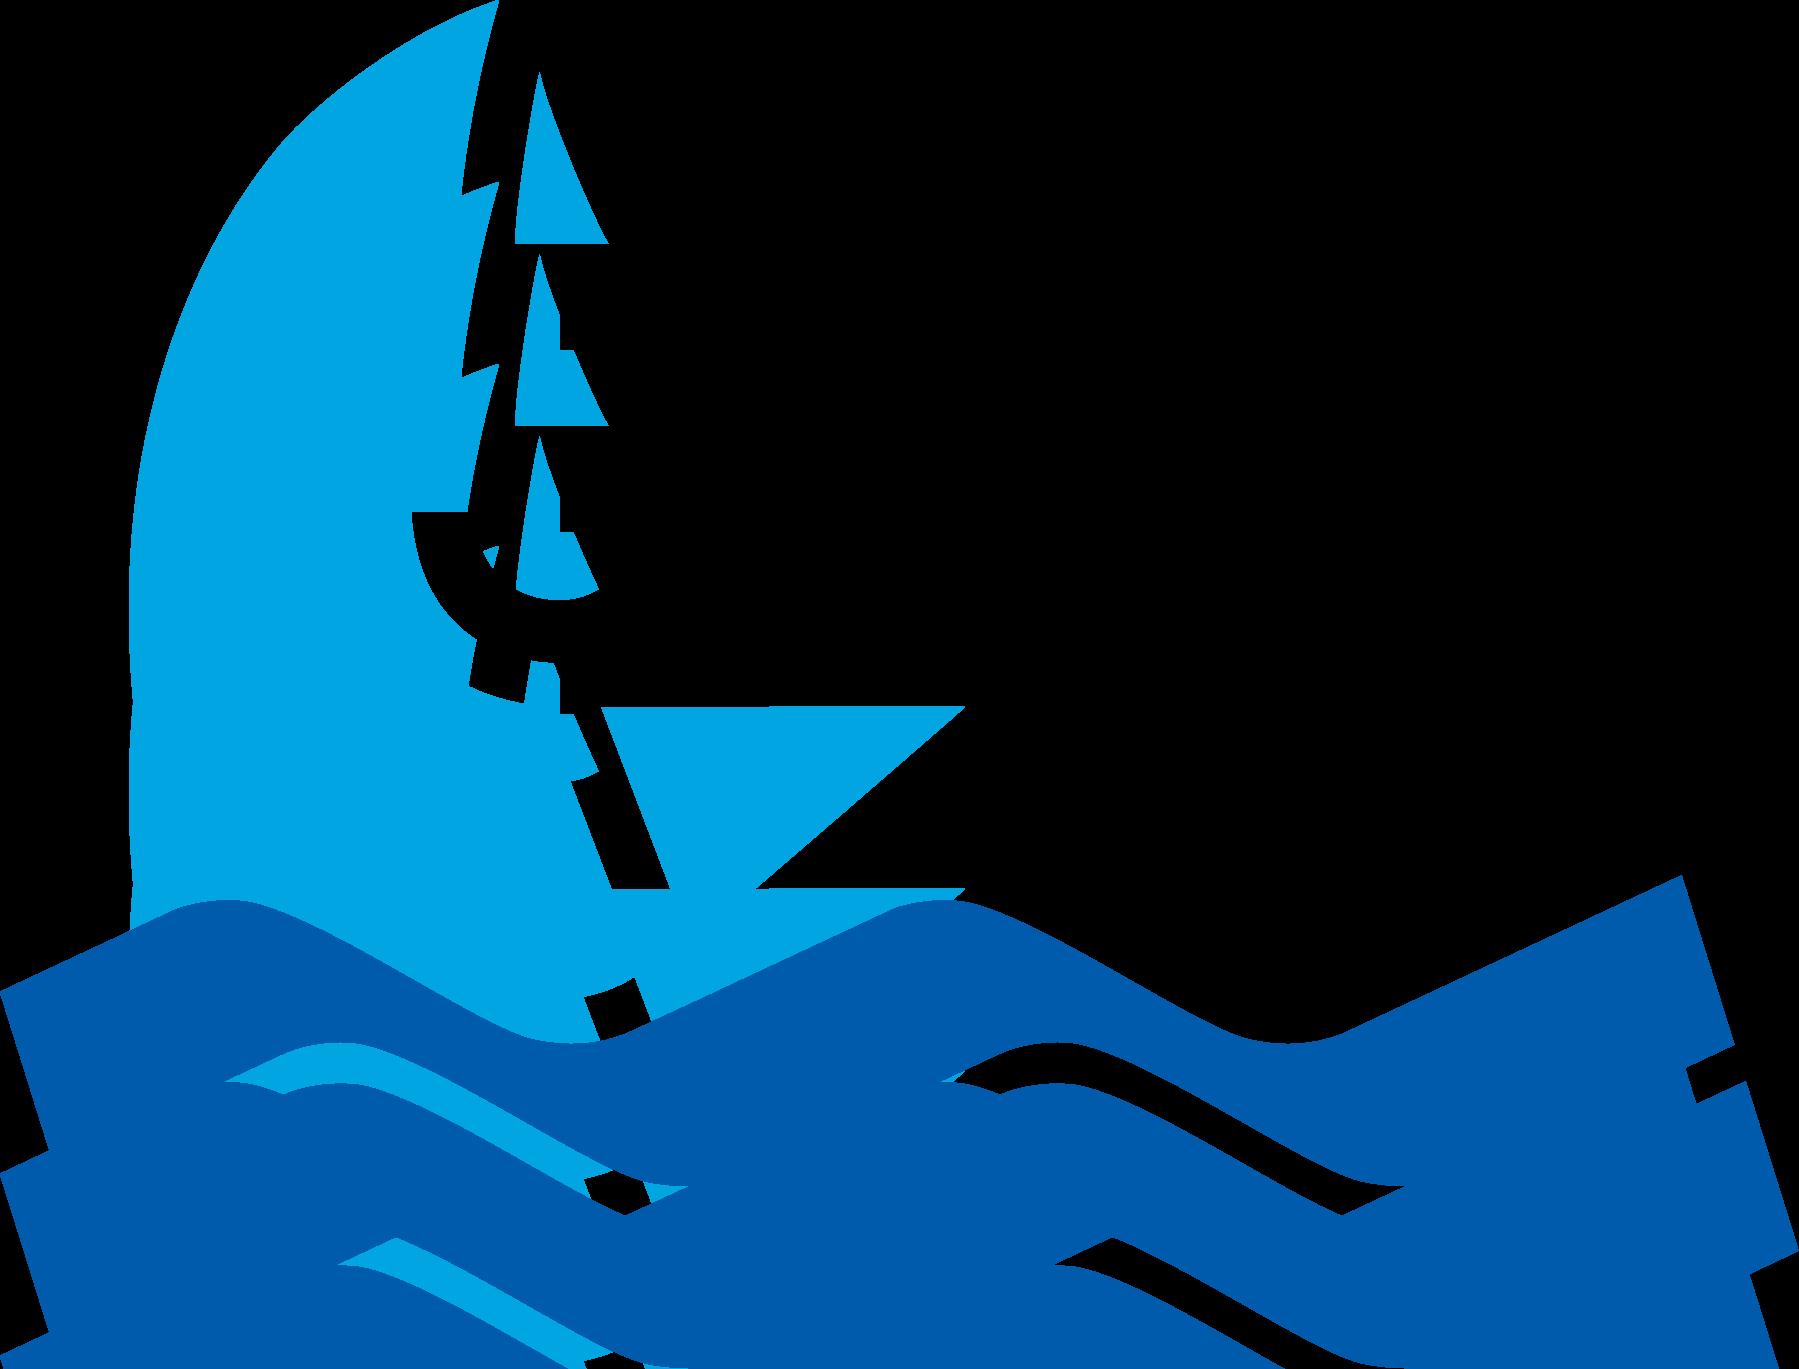 日本海洋レジャー安全・振興協会ロ